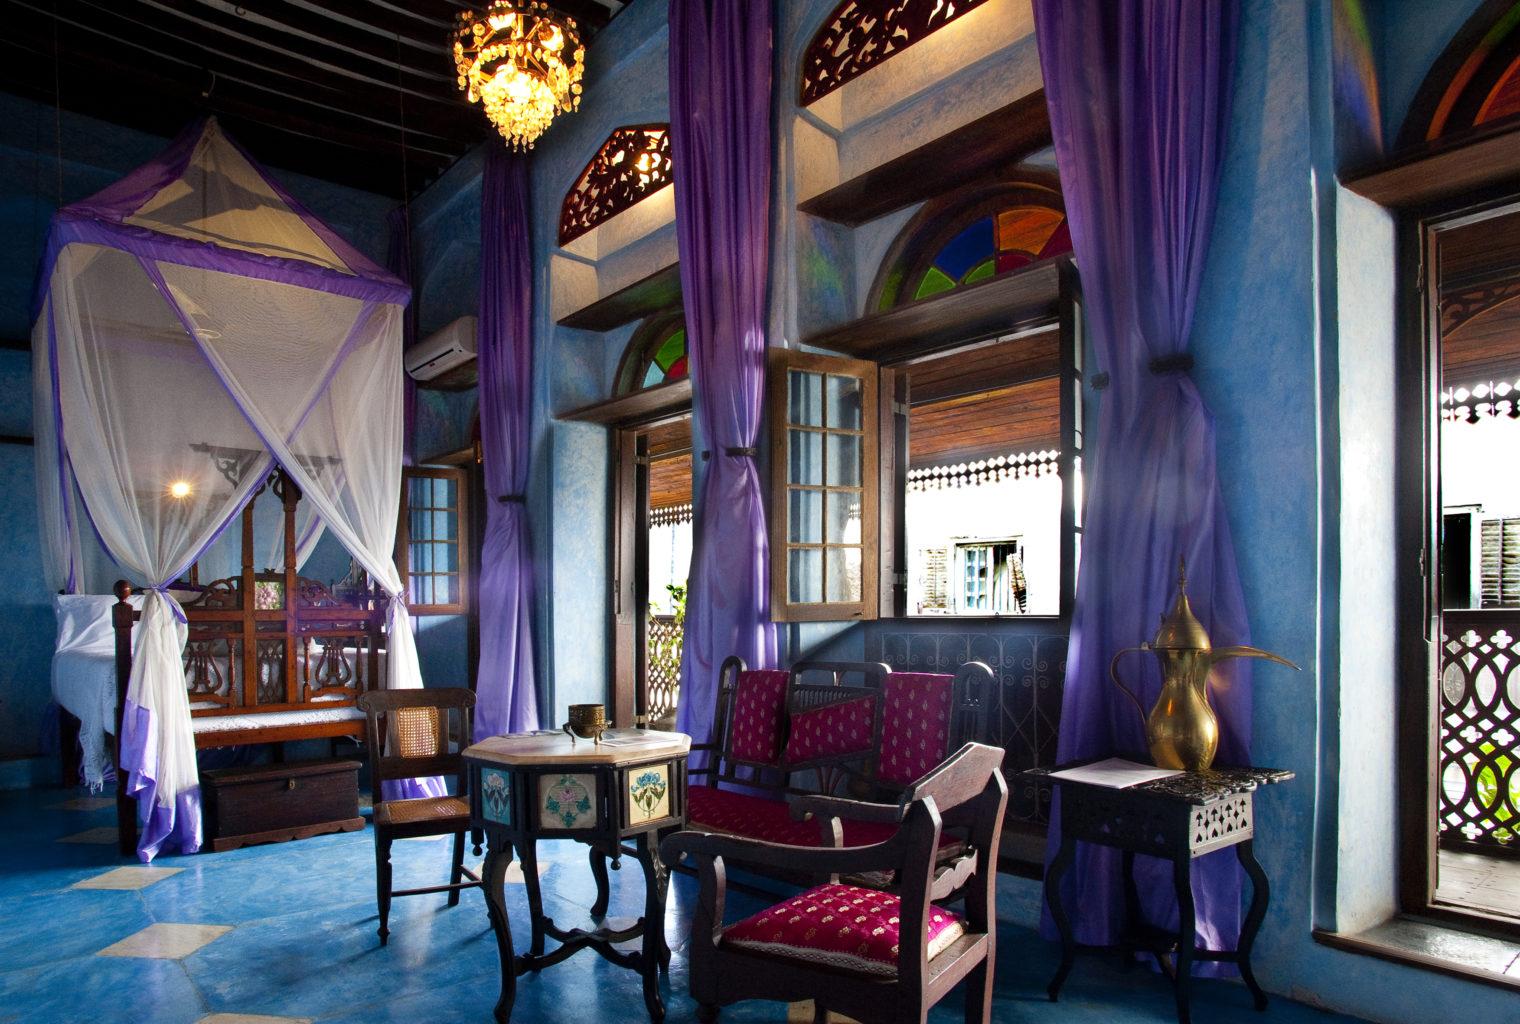 Emerson Spice Hotel Tanzania Room